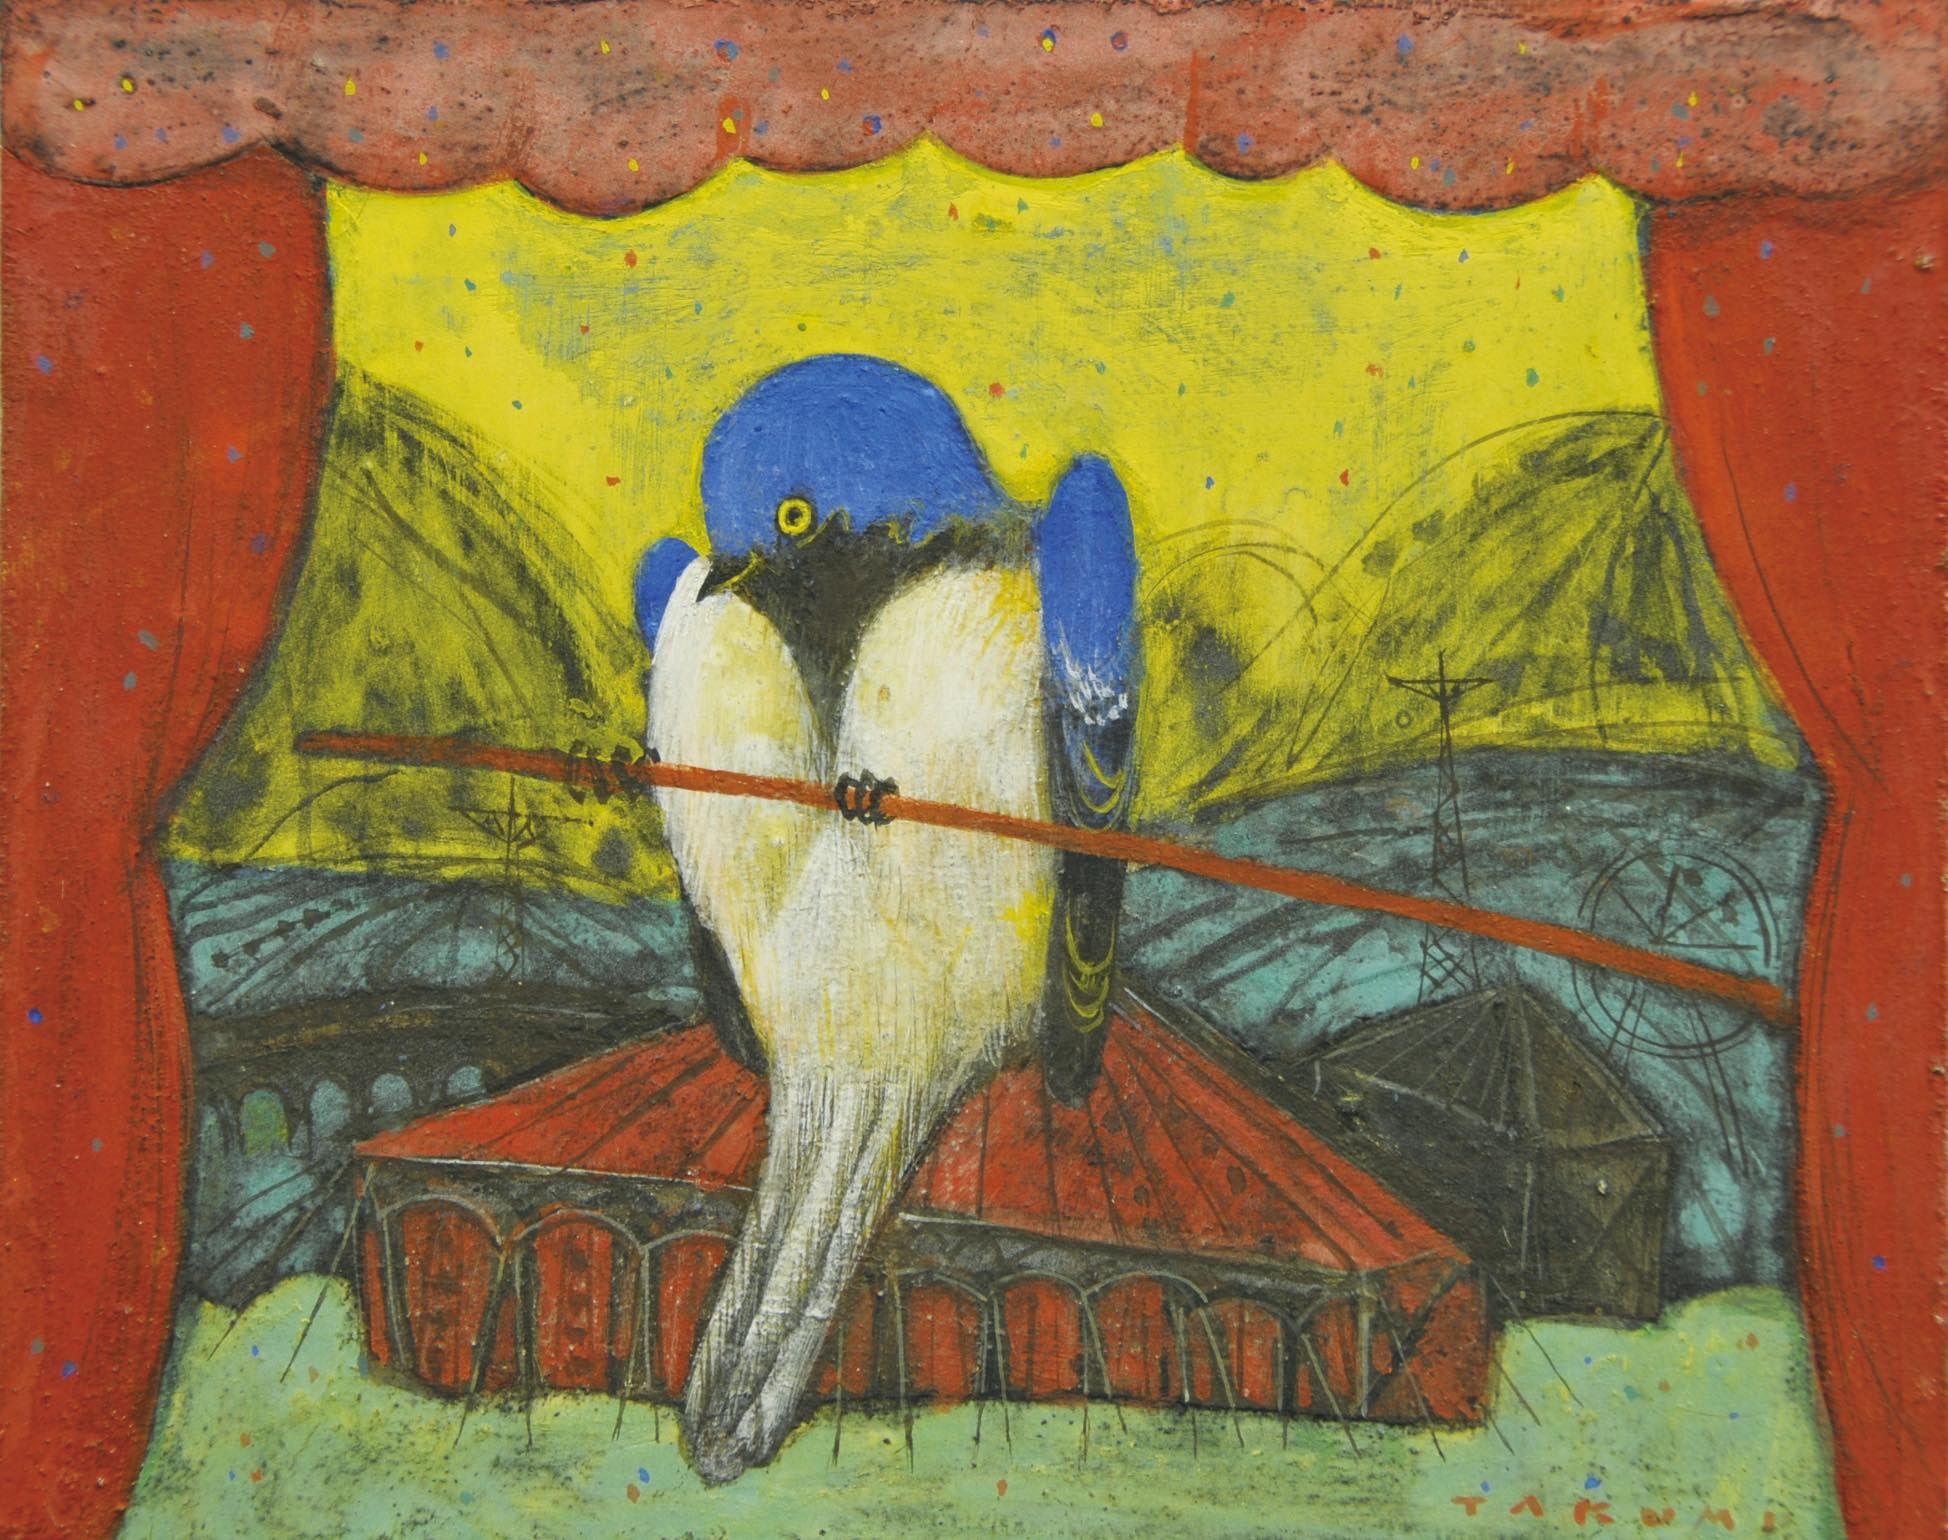 L'Oiseau bleu (A blue bird)